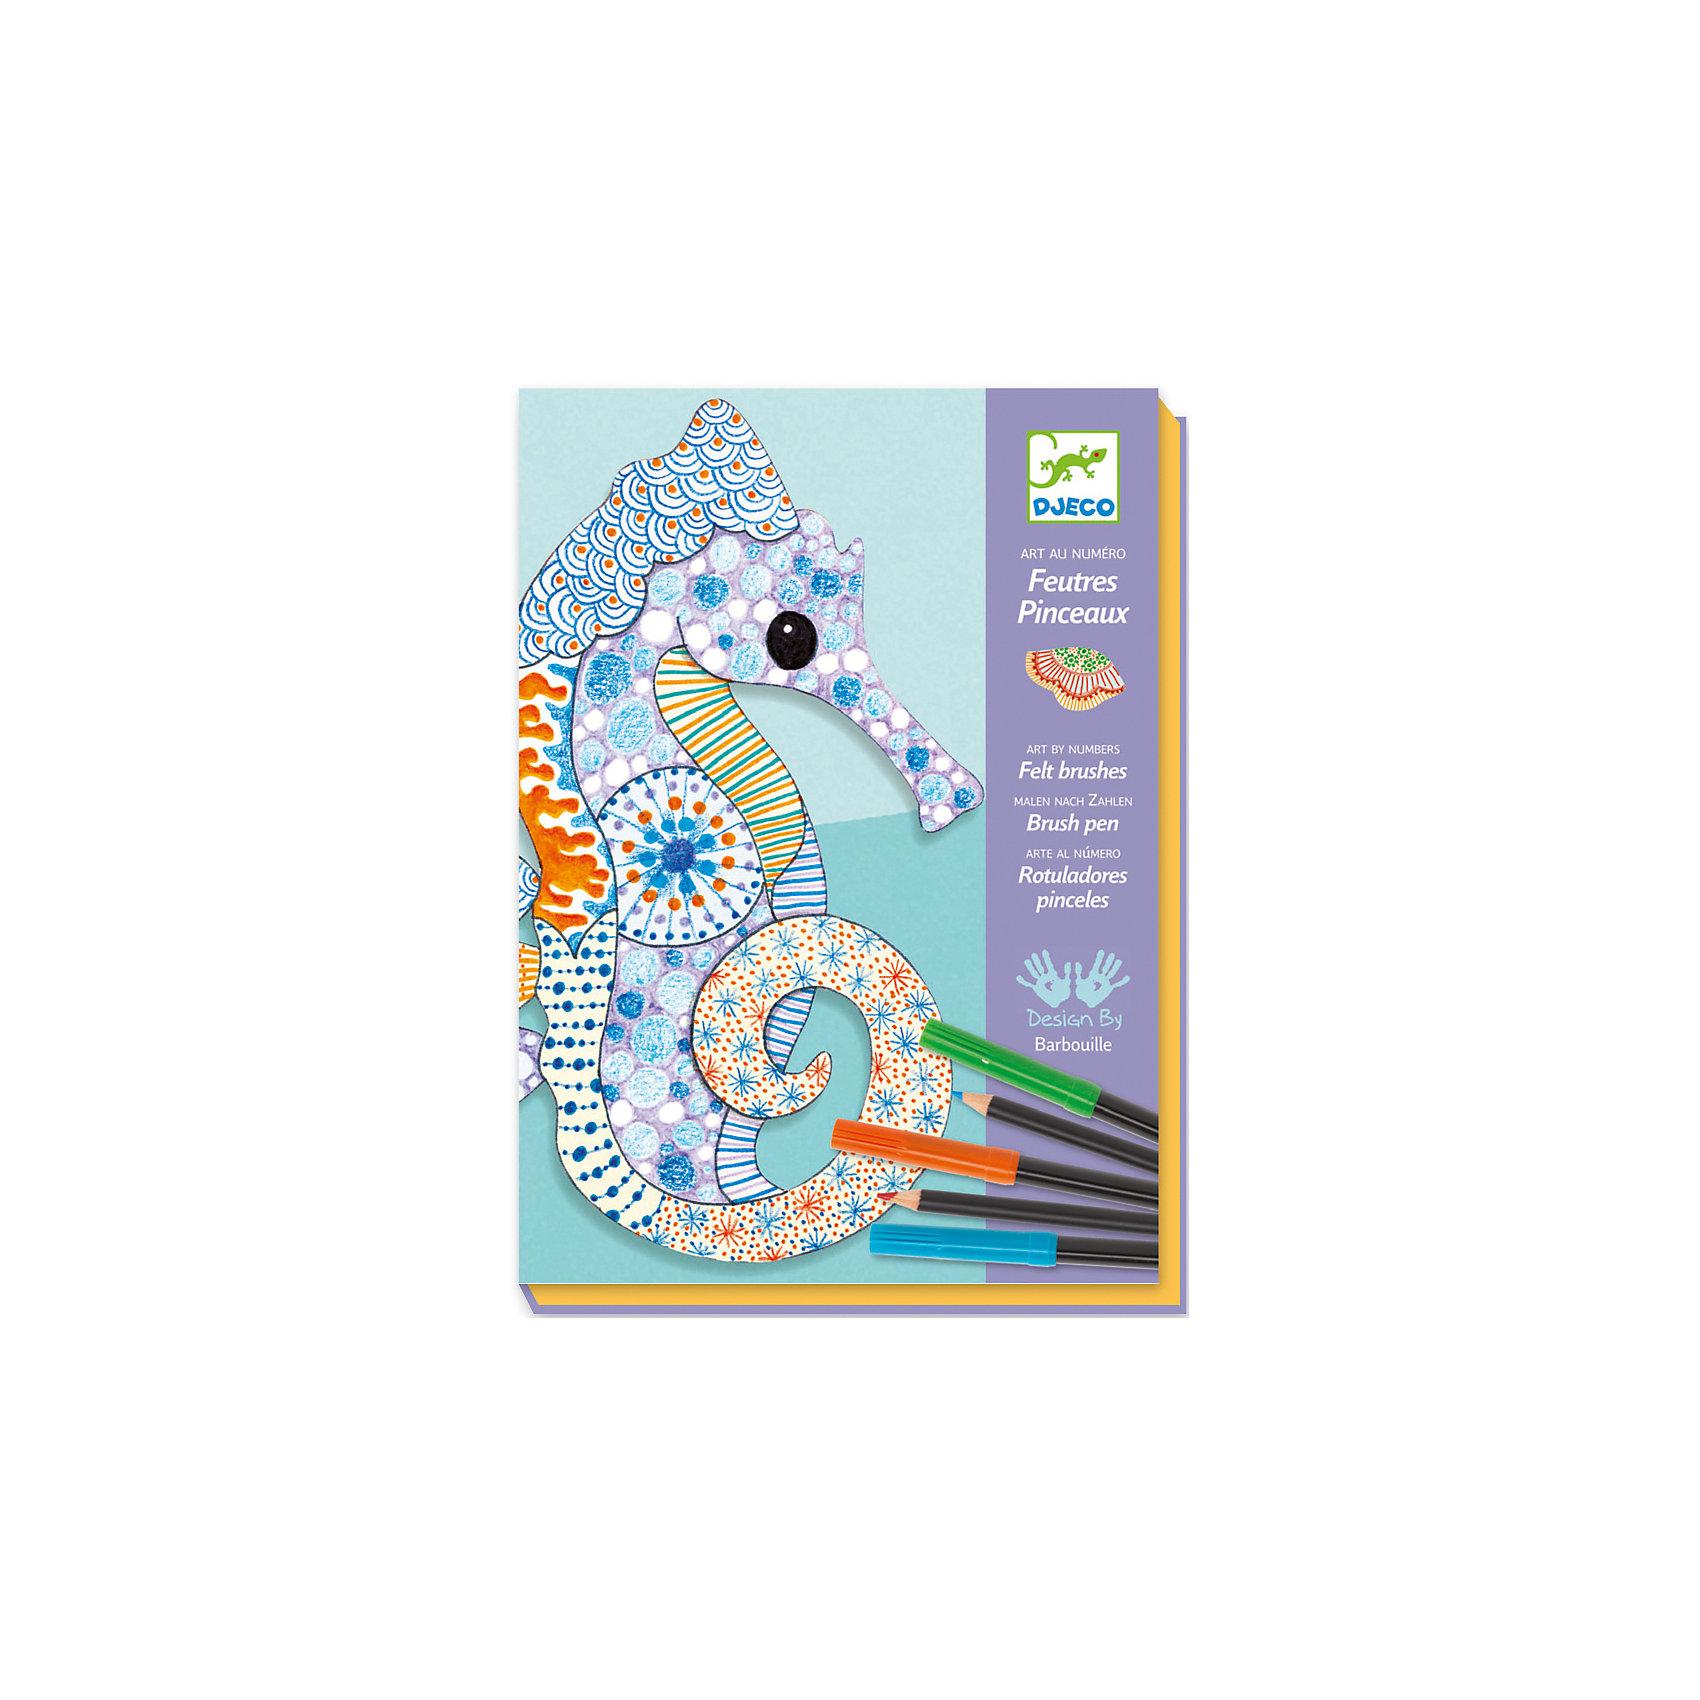 Набор для рисования ПриродаНаборы для раскрашивания<br>Красивый творческий набор для детей, который поможет развить творческий потенциал ребенка, привить любовь к творчеству, аккуратность, усидчивость и внимательность. С этим набором ваш ребенок сможет создать сложные, детальные изображения различных животных при помощи двусторонних фломастеров и карандашей, входящих в комплект. <br><br>В набор входит: <br><br>4 разновидности фона для рисунка,<br>4 карандаша,<br>5 разноцветных двусторонних фломастеров,<br>пошаговая инструкция.<br><br>Красочная подробная инструкция с примерами подскажет детям, как нужно создавать изображения. <br><br>Набор для рисования Природа можно купить в нашем магазине.<br><br>Ширина мм: 230<br>Глубина мм: 230<br>Высота мм: 40<br>Вес г: 150<br>Возраст от месяцев: 84<br>Возраст до месяцев: 156<br>Пол: Унисекс<br>Возраст: Детский<br>SKU: 4783845